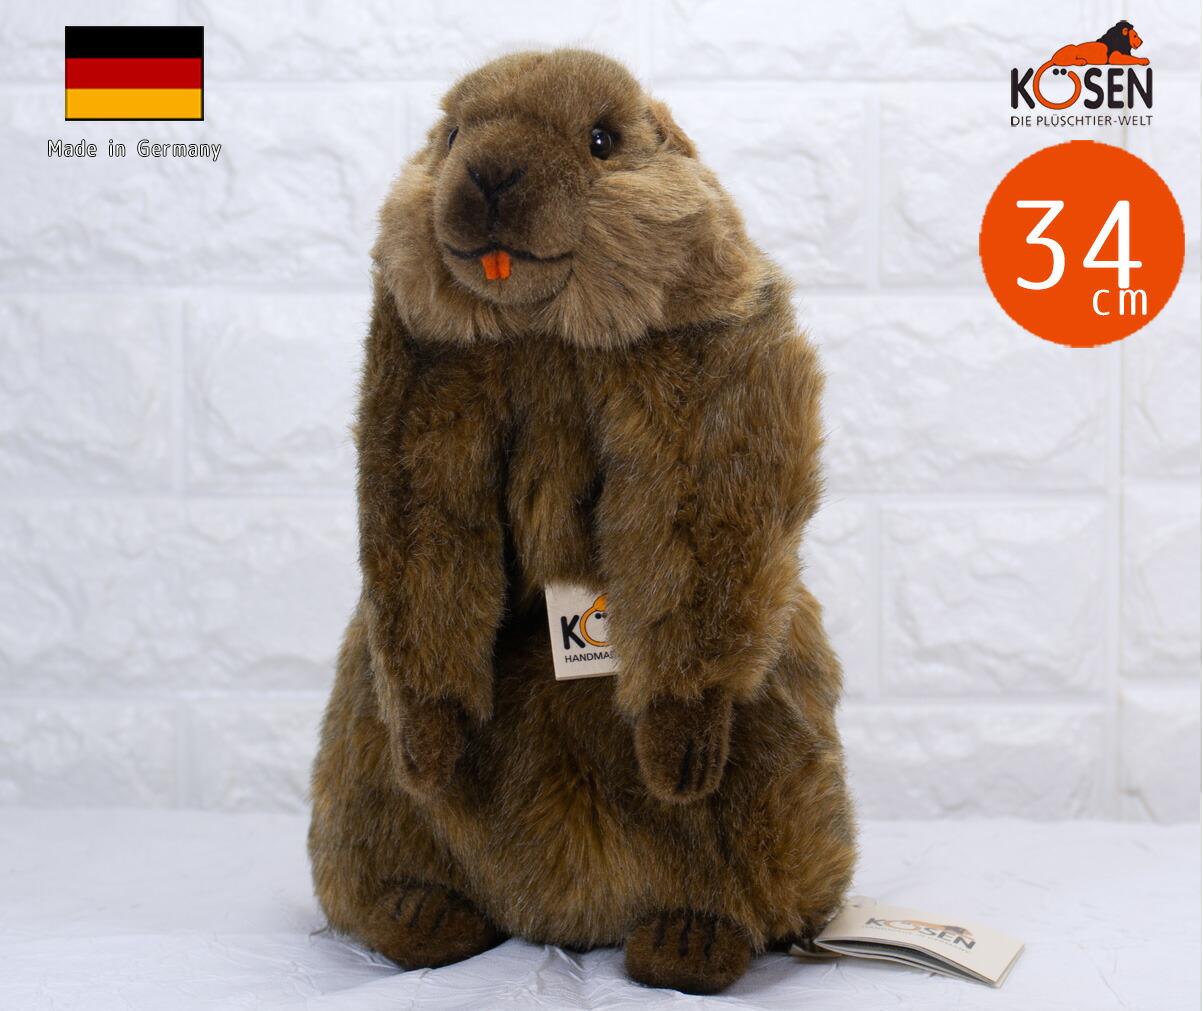 マーモット KOSEN(ケーセン社) 34cm Marmot Groundhog/ぬいぐるみ プレゼント/リアル/動物/ギフト/子供/女の子/男の子/大人/クリスマス